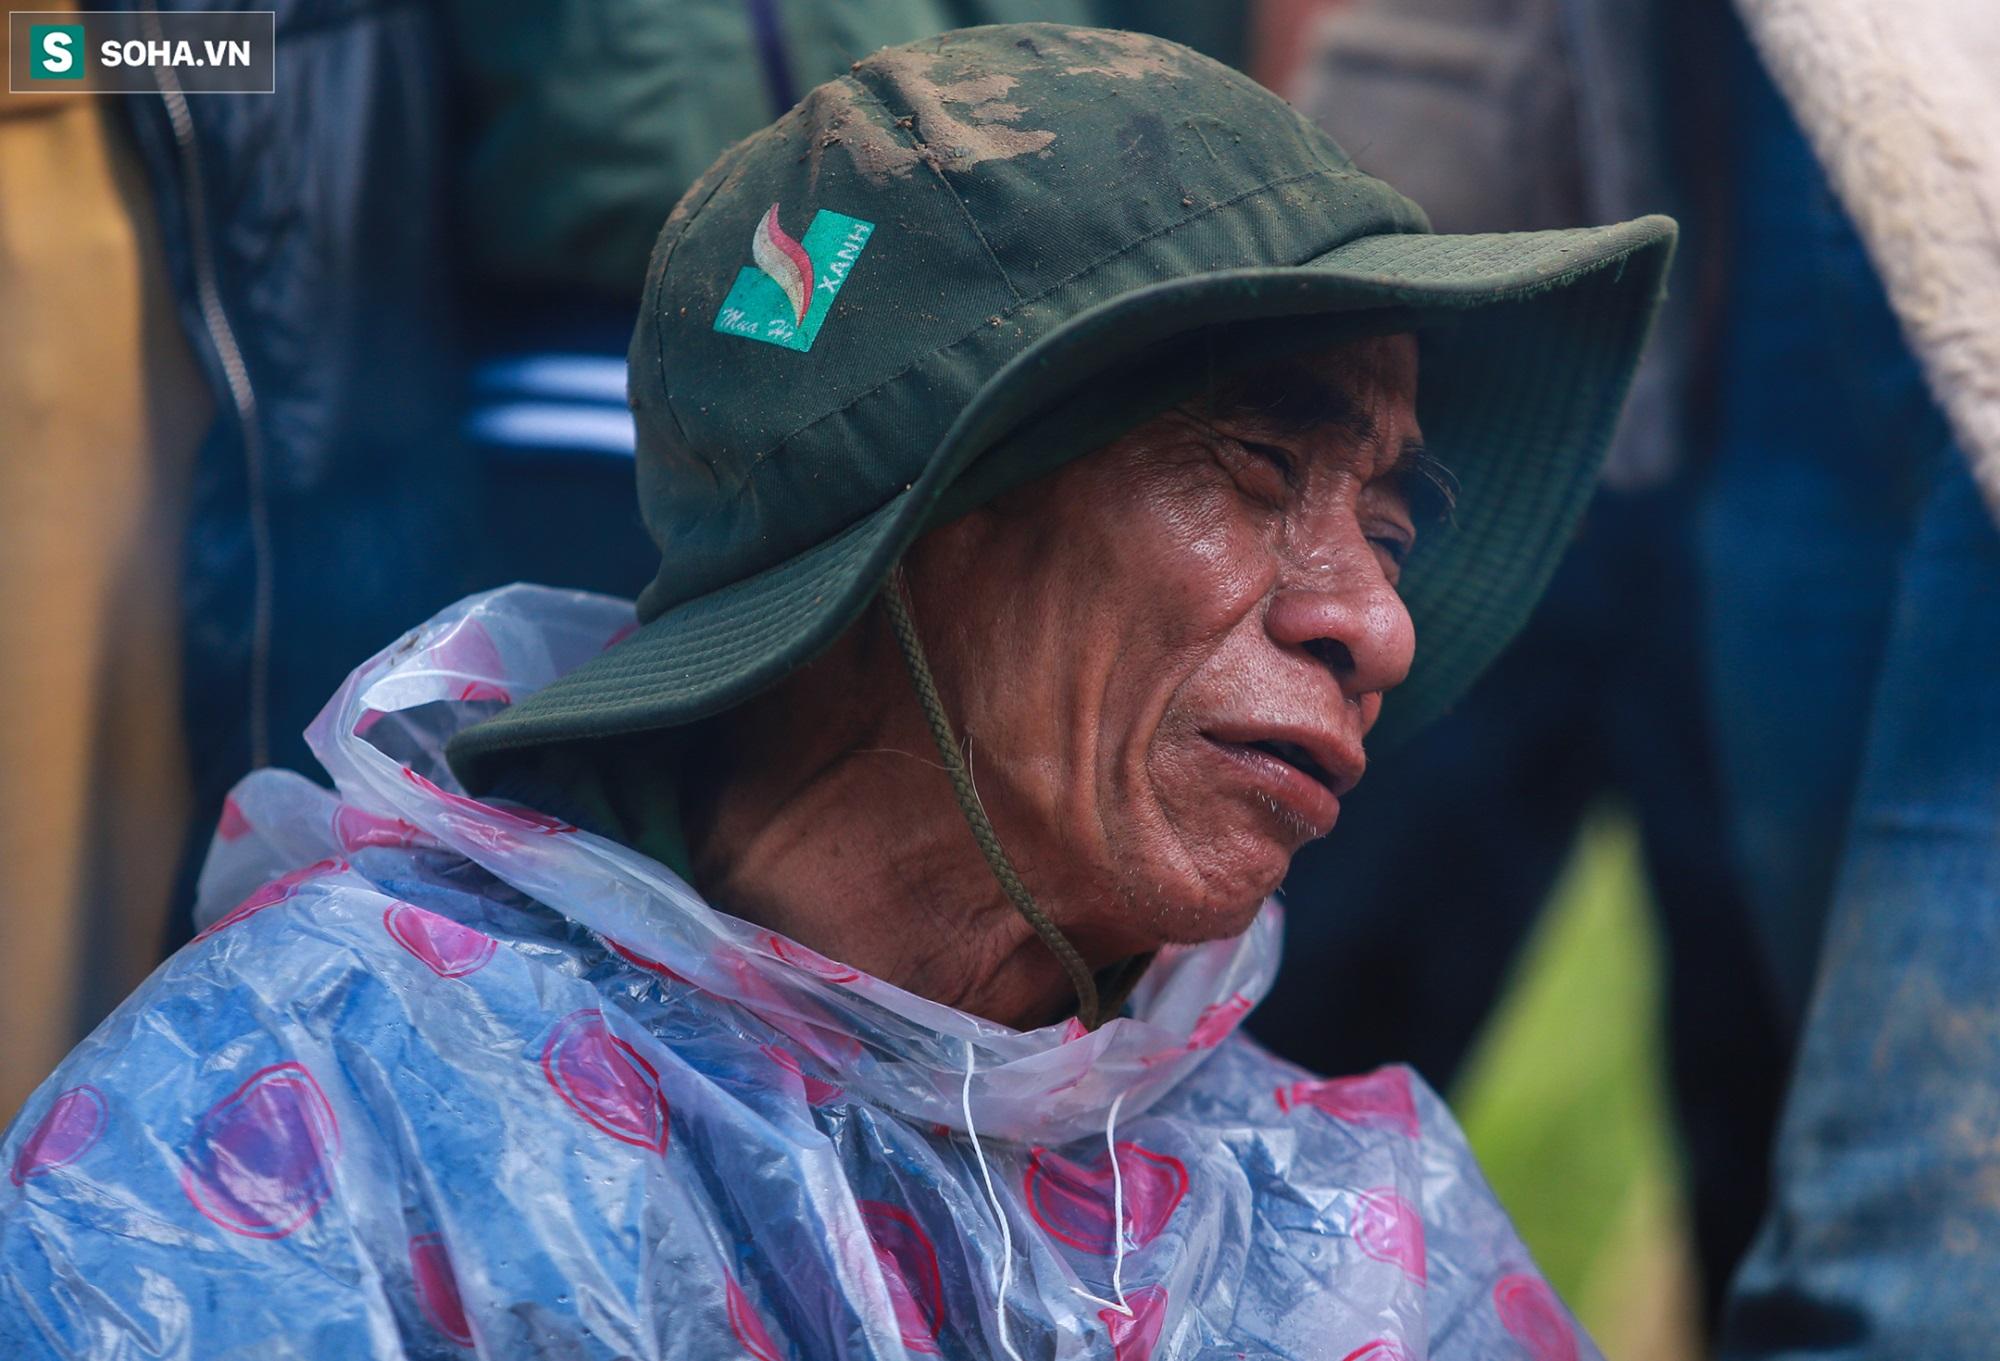 [Ảnh] Dân làng khóc nghẹn khi tìm thấy bé trai 10 tháng tuổi dưới lớp bùn đất vụ sạt lở ở Trà Leng - Ảnh 15